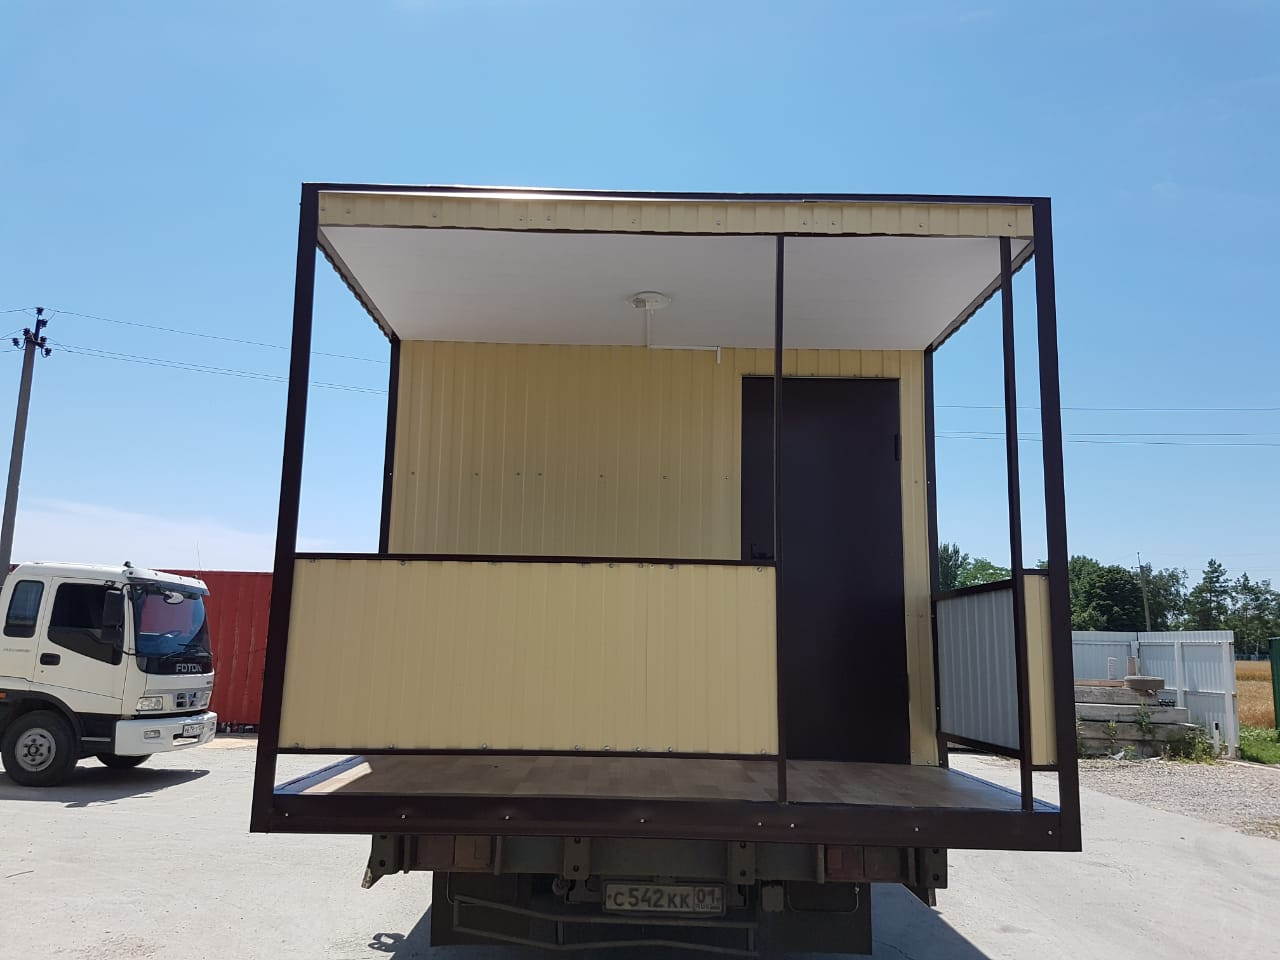 вагон-бытовка с крылечком, домик для дачи